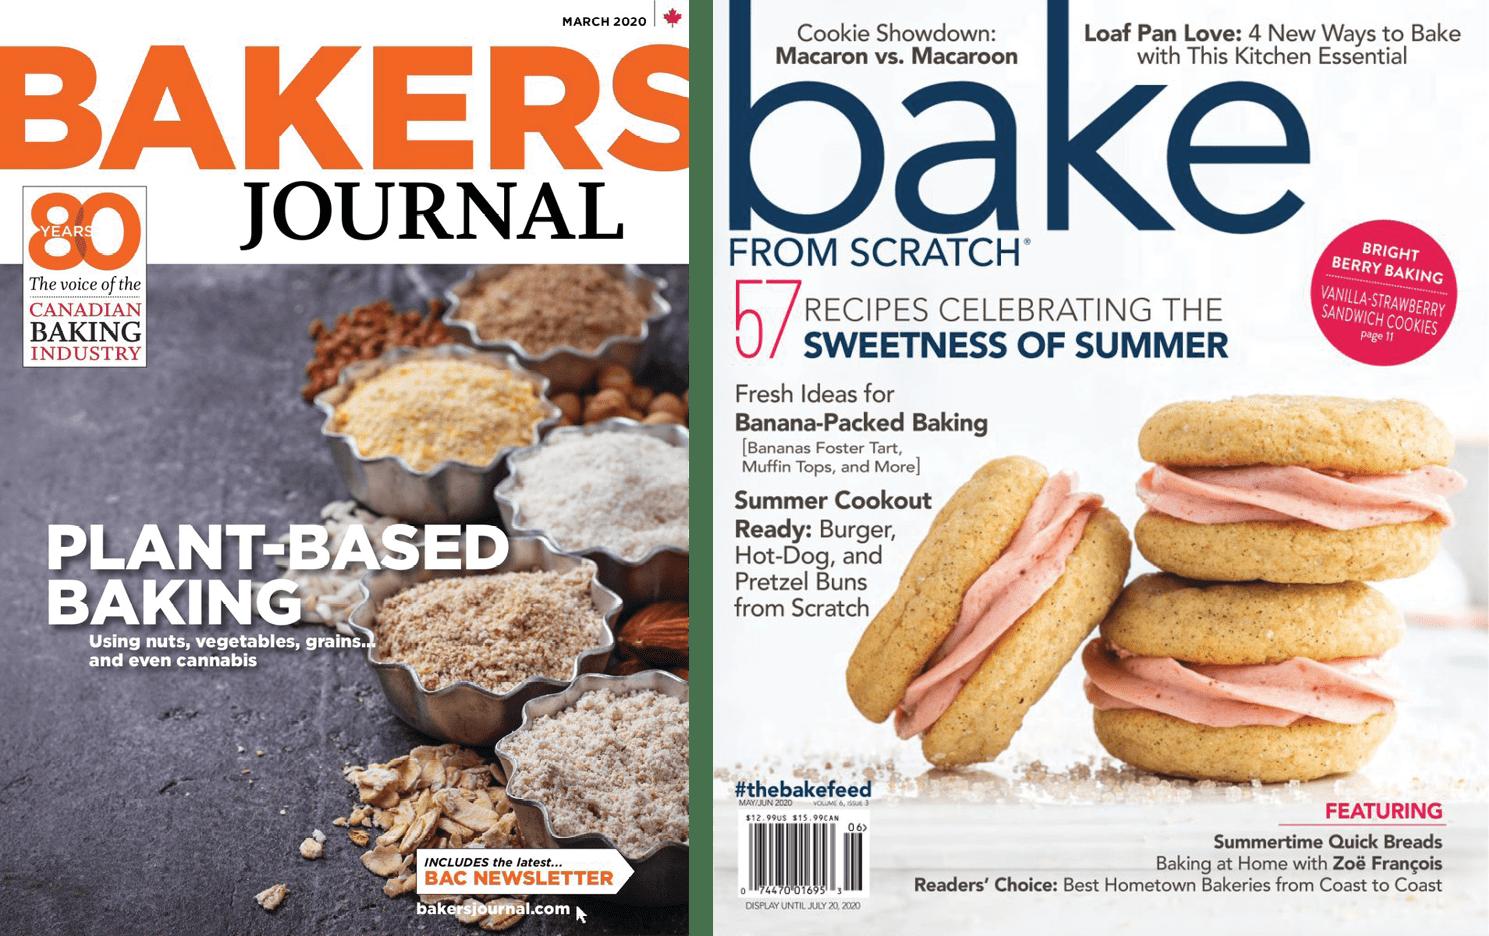 Journal cover art